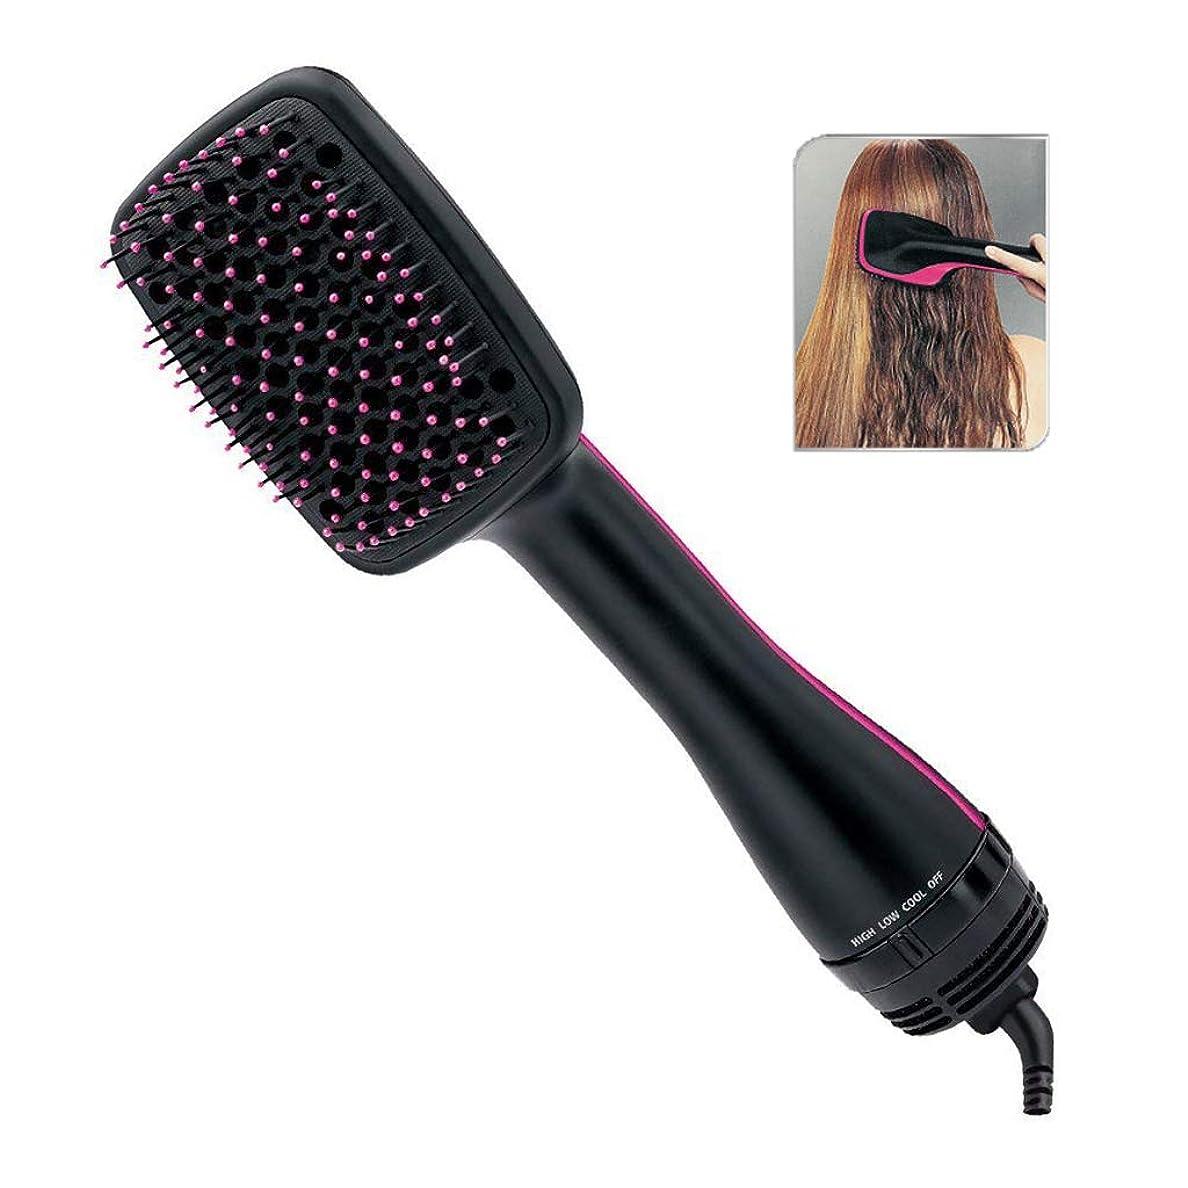 やけど雄弁な侵略すべての髪型のためのプロの髪の櫛、ヘアドライヤーブラシヘアカーラー、イオンセラミックロータリーヘアドライヤーコーム、ワンステップヘアドライヤーとスタイリング櫛